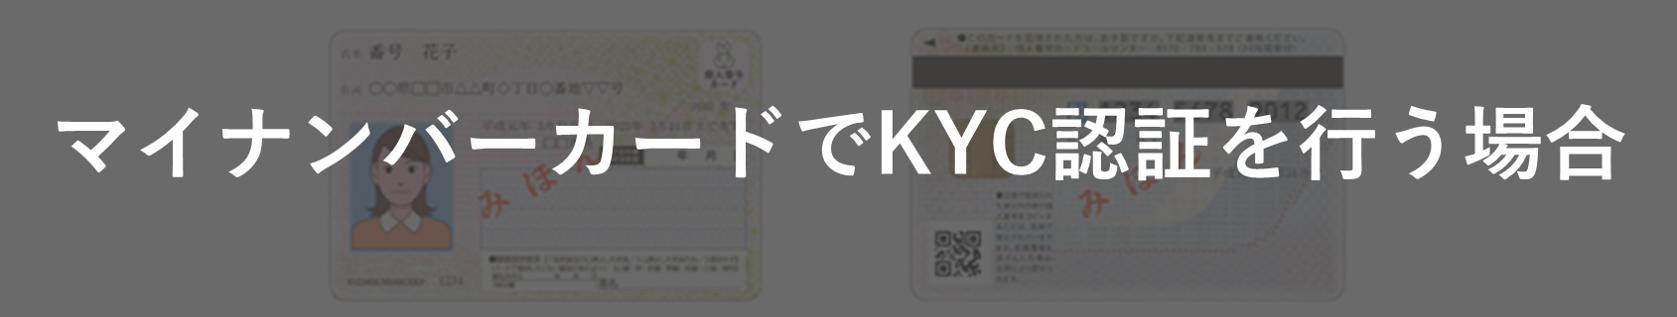 マイナンバーカードでKYC認証を行う場合